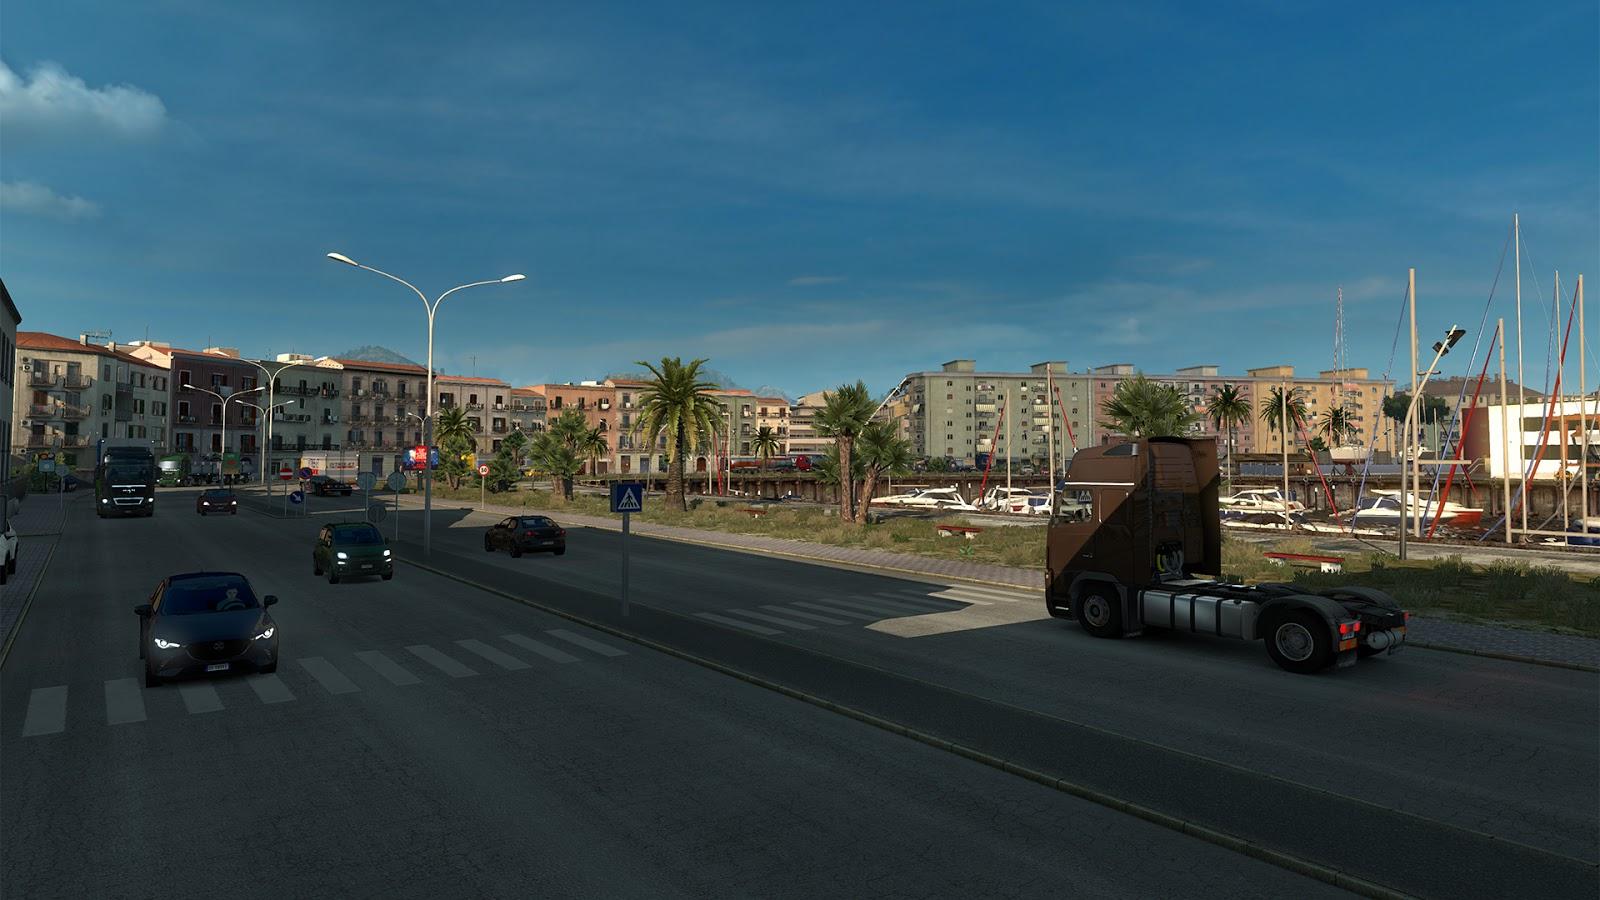 Sicílie na obrázcích z Euro Truck Simulatoru 2 152941